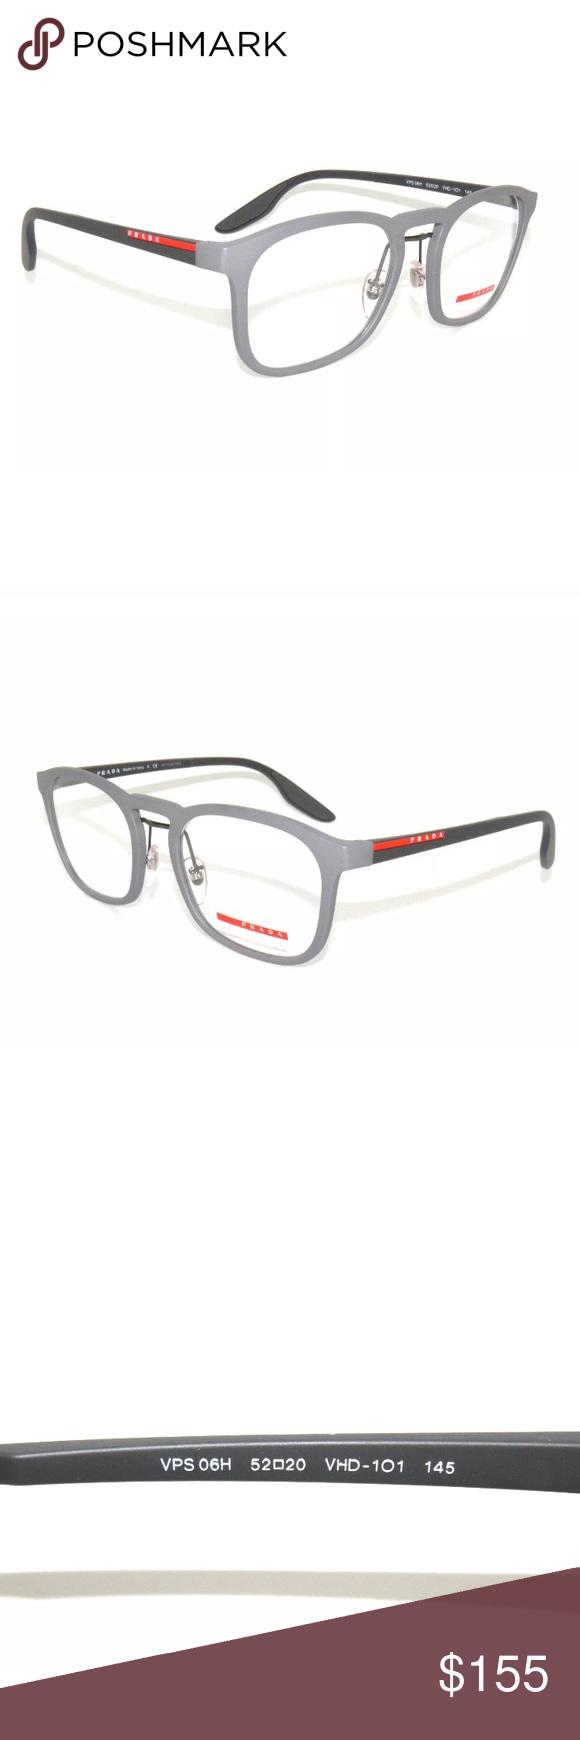 bd391c90e282 Prada Sport Rubber Grey Eyeglasses frame 06H New Authentic Comes with Prada  case Prada Accessories Glasses